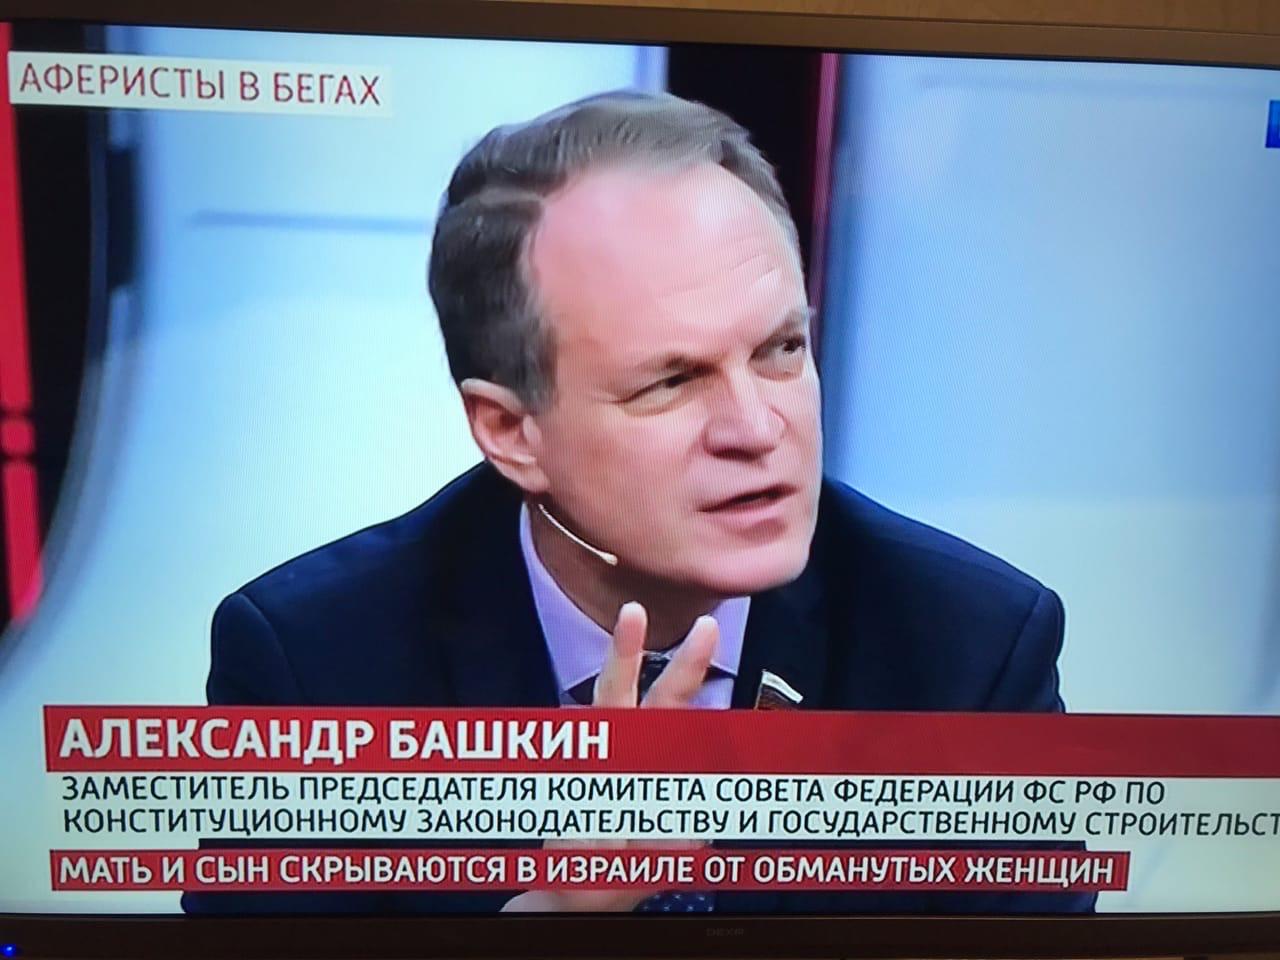 Сенатор Александр Башкин выступил в программе Андрея Малахова